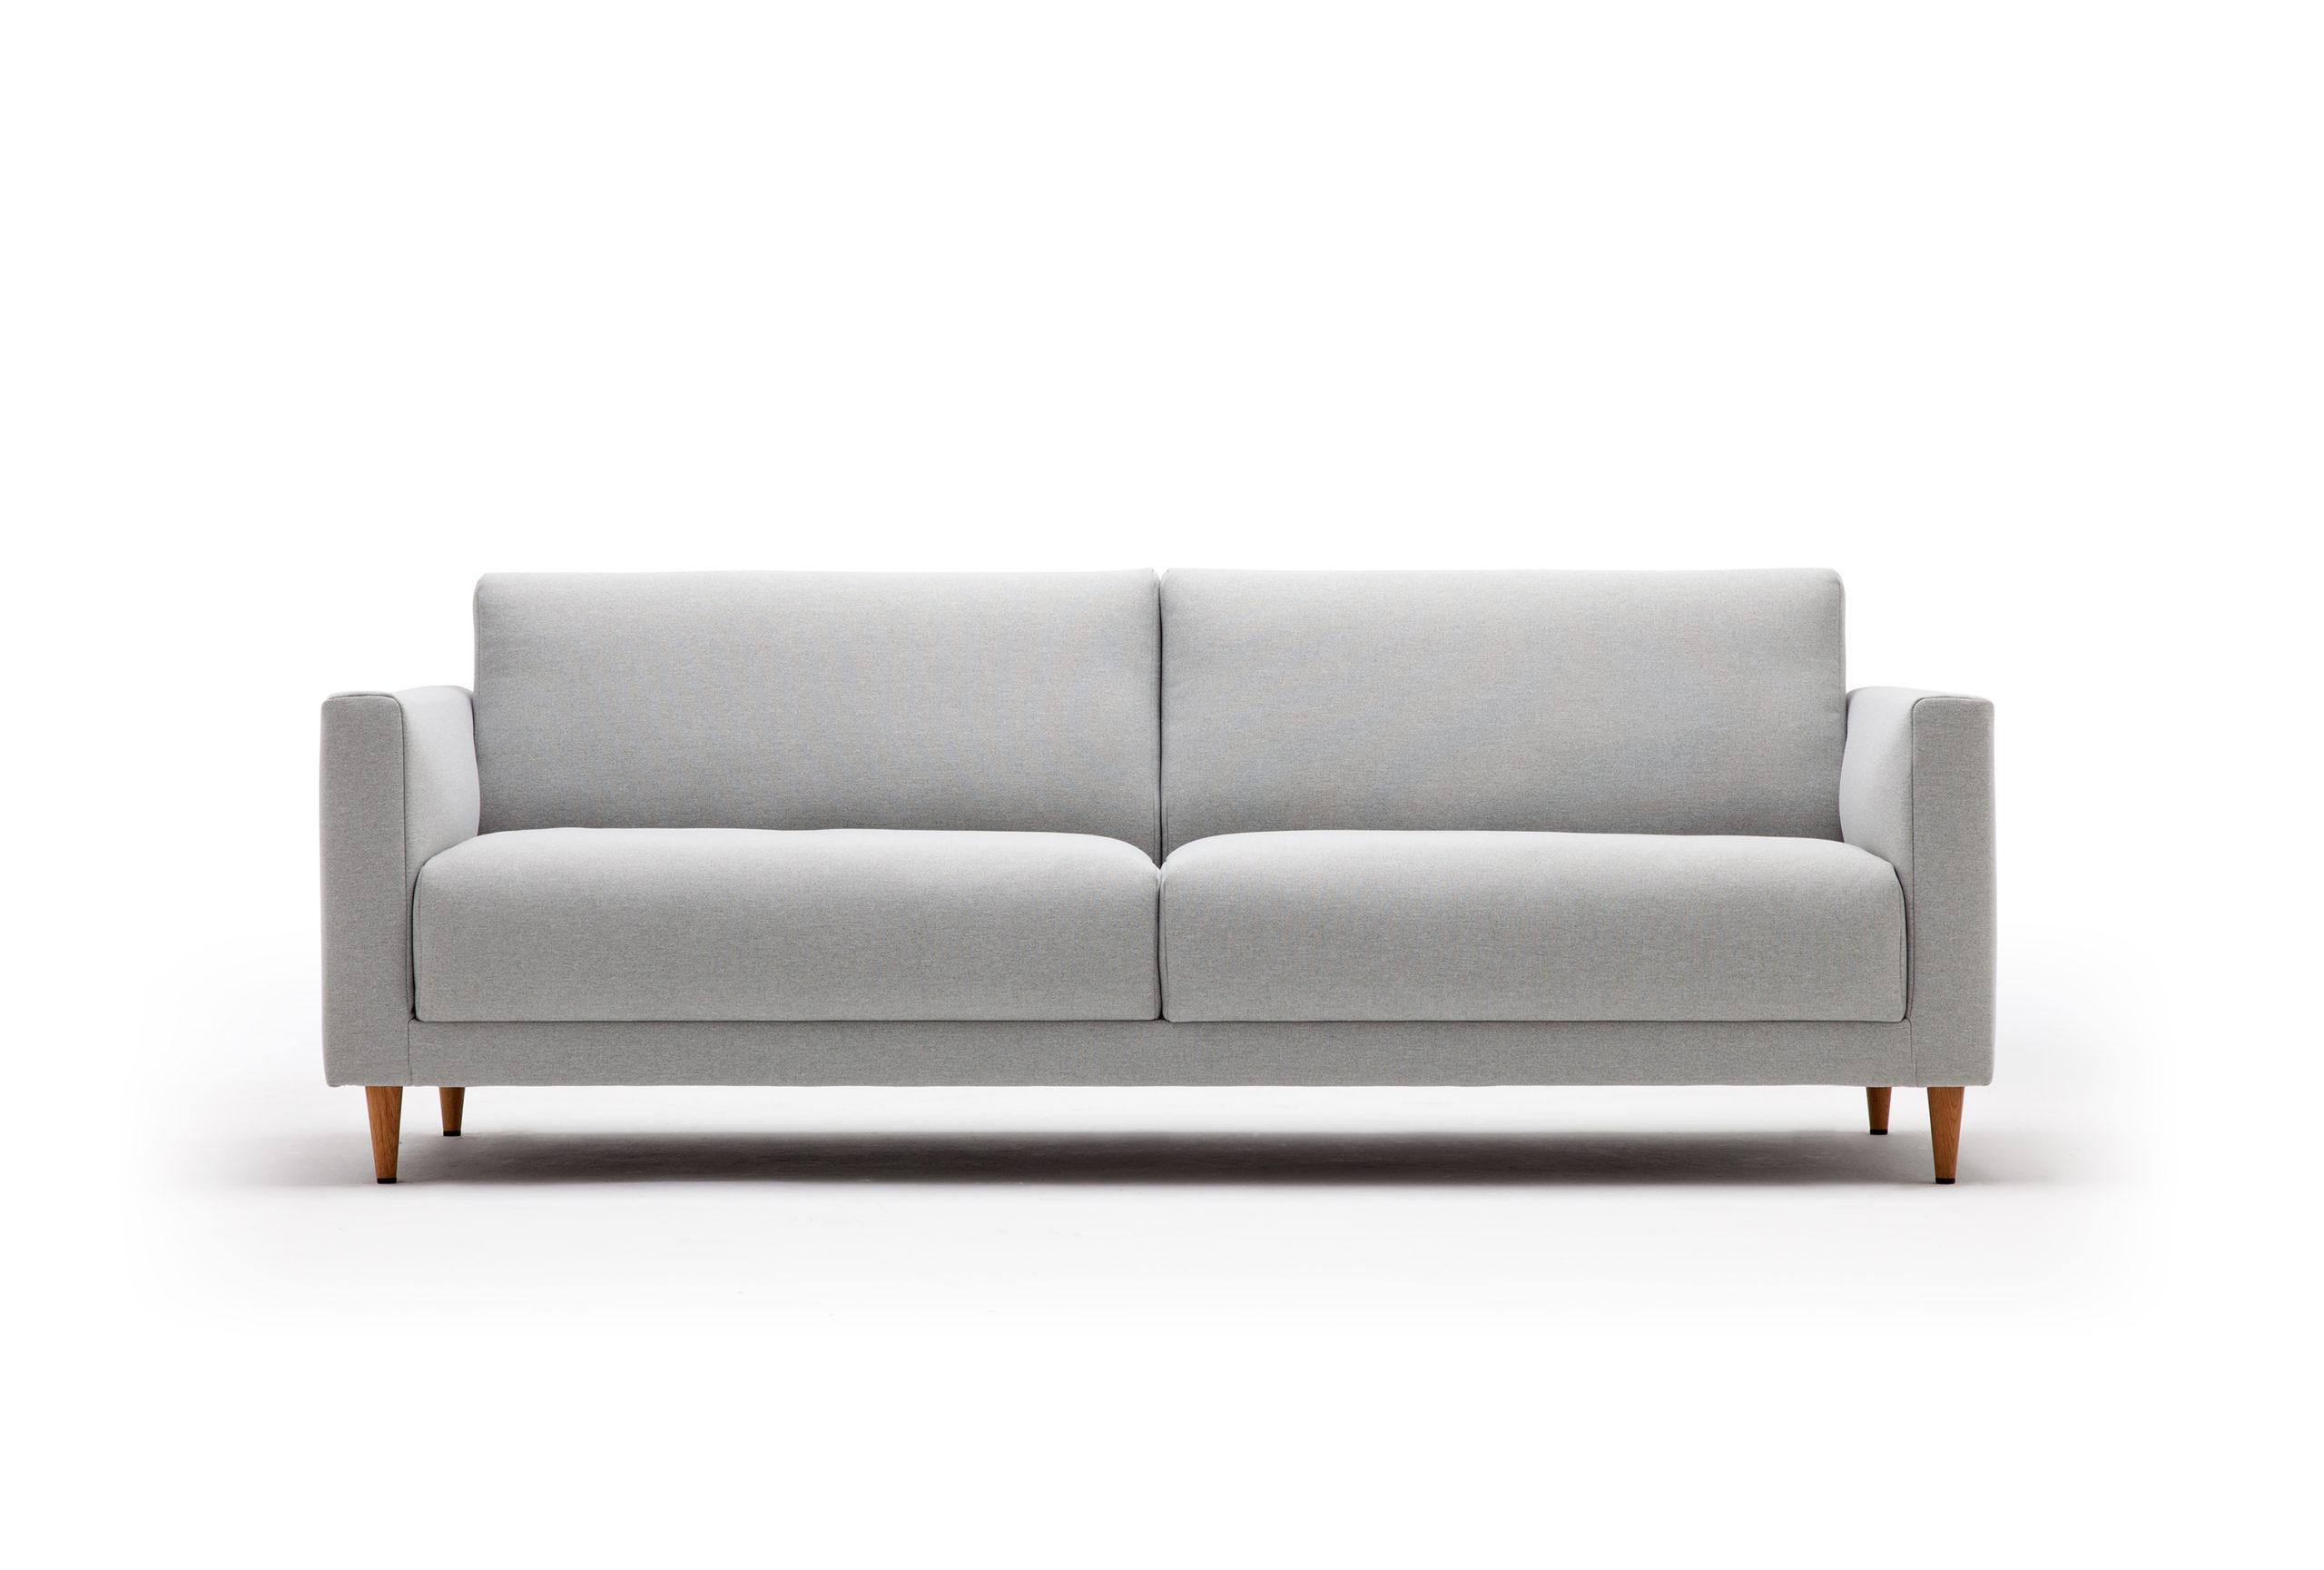 Full Size of Modernes Sofa Archive Le Corbusier Stressless Grünes Rundes Barock Angebote Machalke Mit Verstellbarer Sitztiefe Ewald Schillig Kaufen Günstig L Form Sofa Modernes Sofa